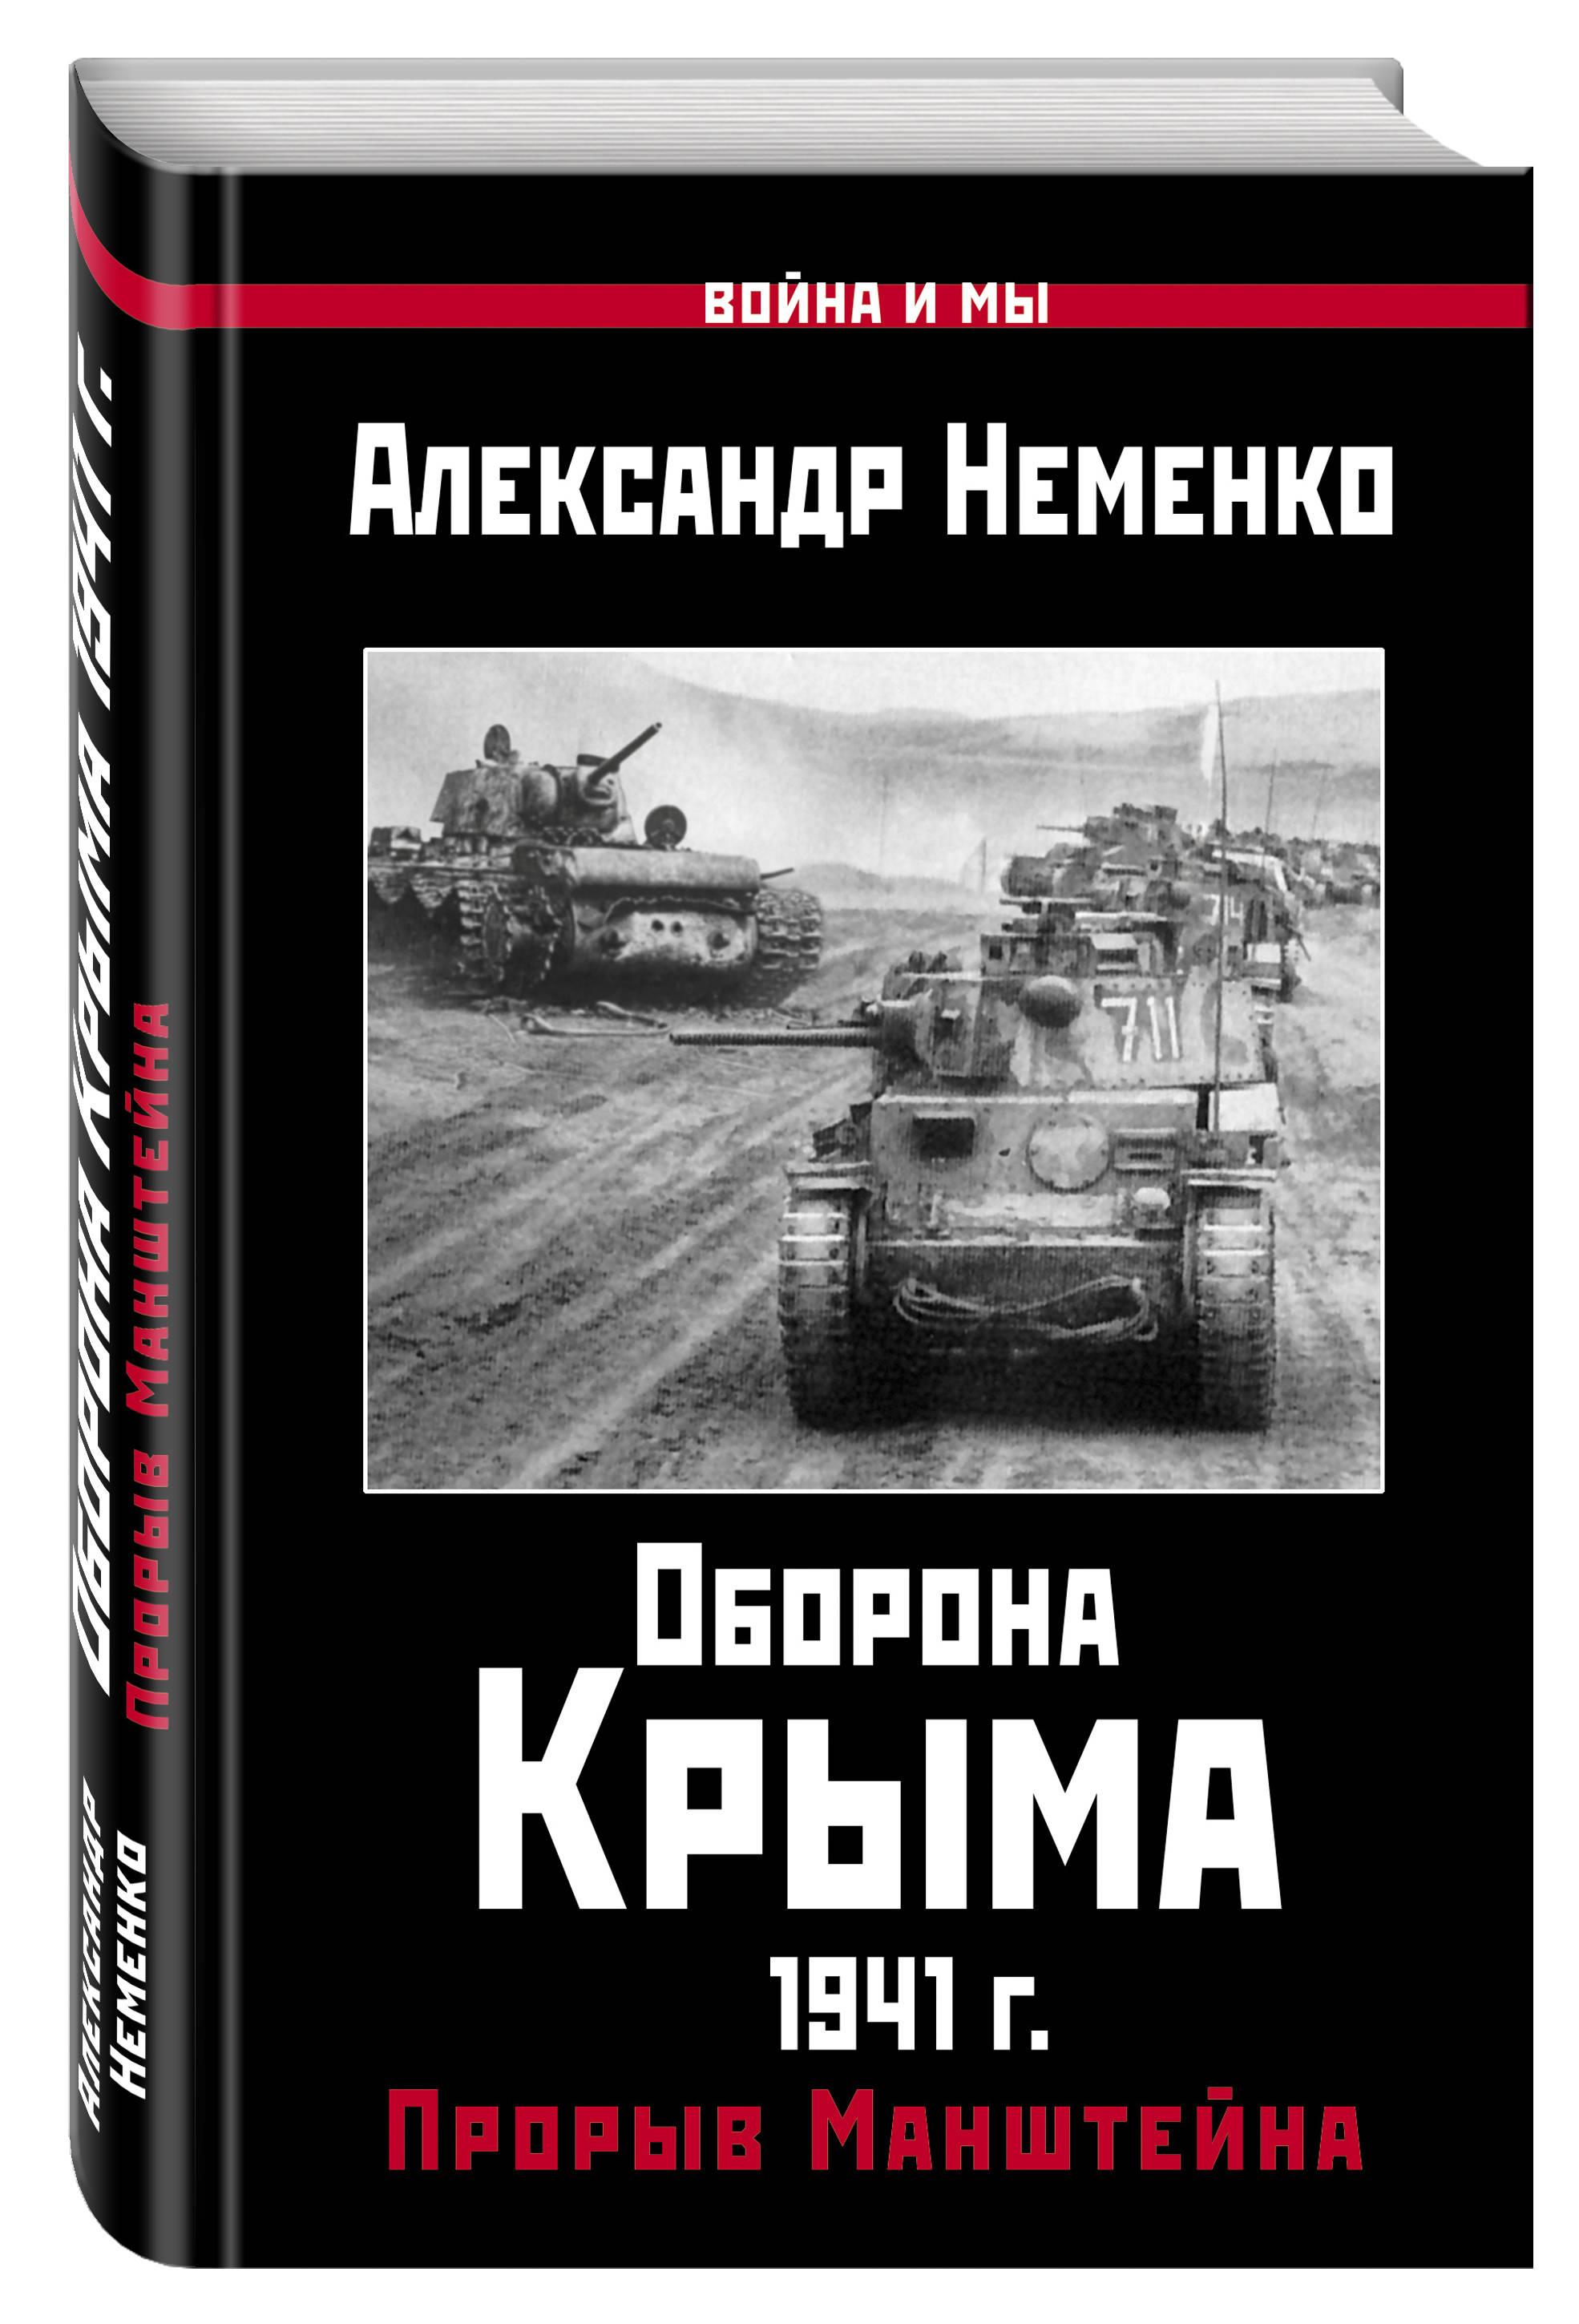 Неменко А. Оборона Крыма 1941 г. Прорыв Манштейна книги эксмо оборона крыма 1941 г прорыв манштейна